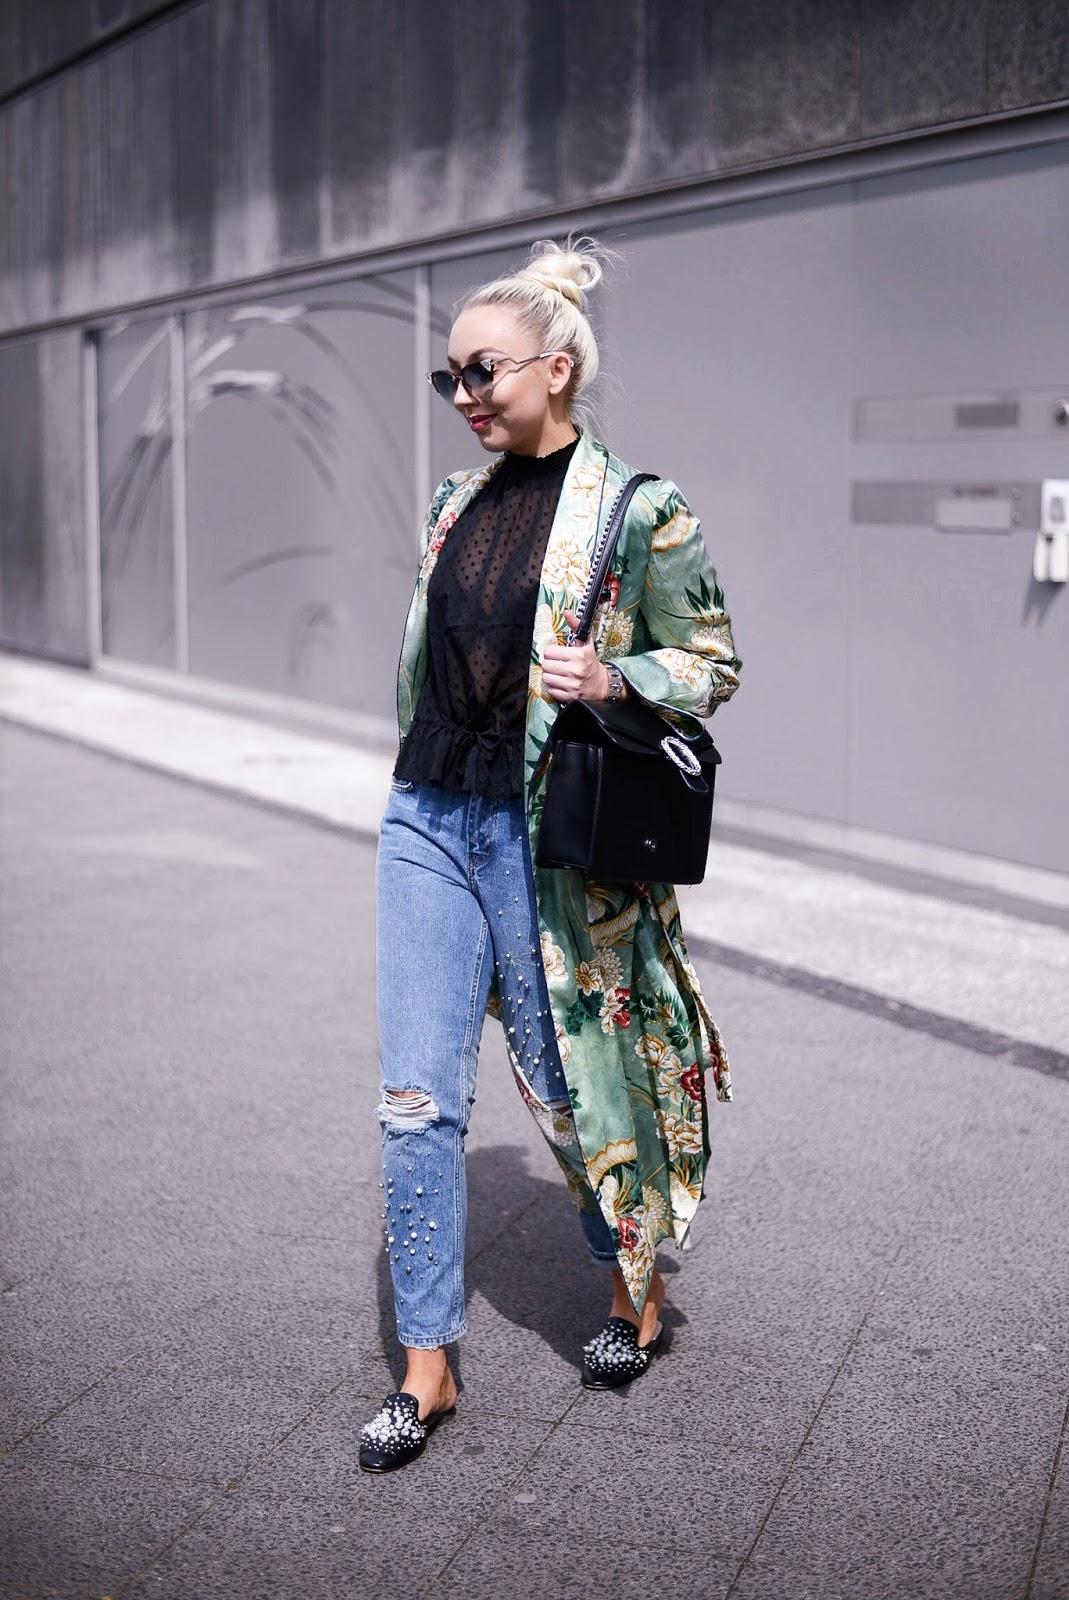 zara kimono with print_kimono mit muster_fashionblogger streetstyle